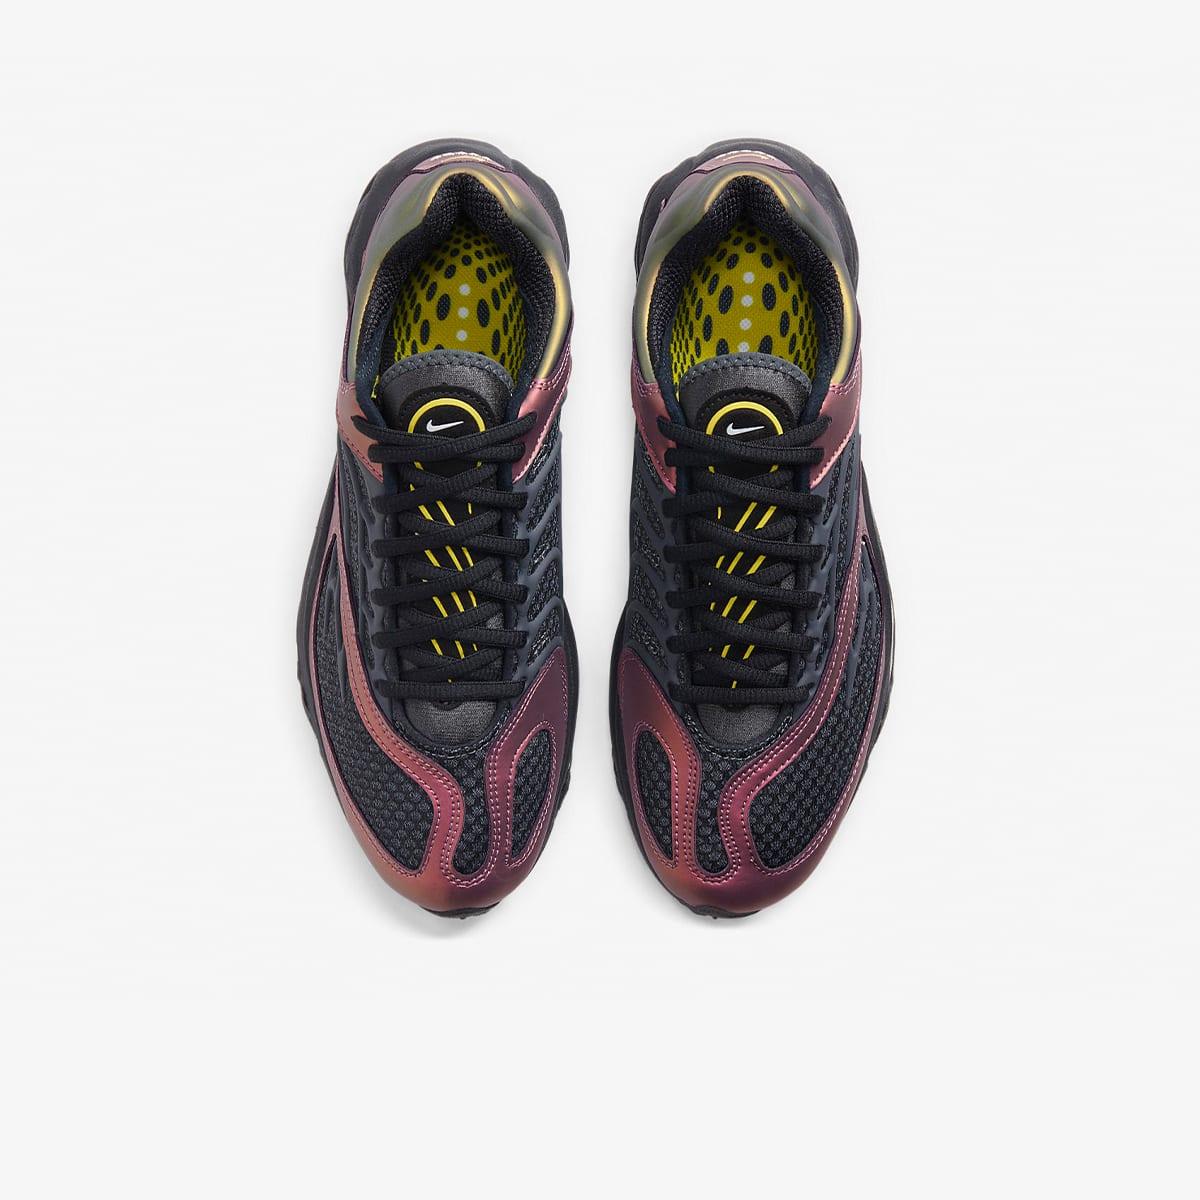 Nike Air Tuned Max - CV6984-001